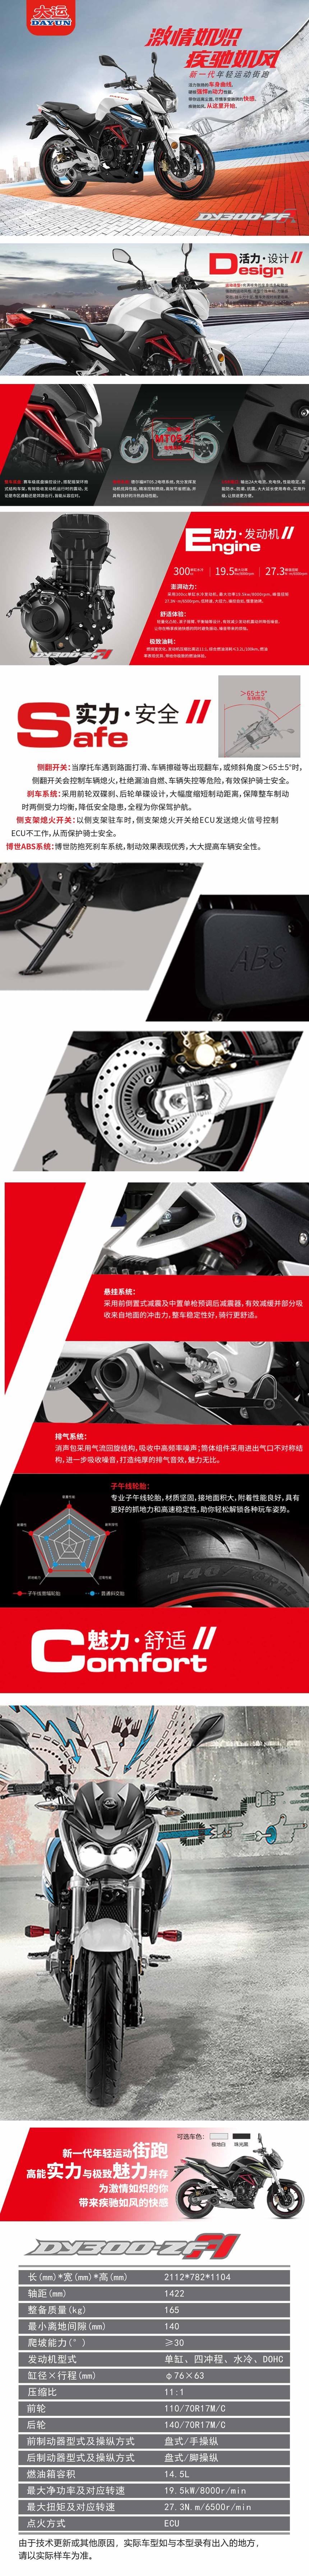 DY300-ZF 小图1.jpg